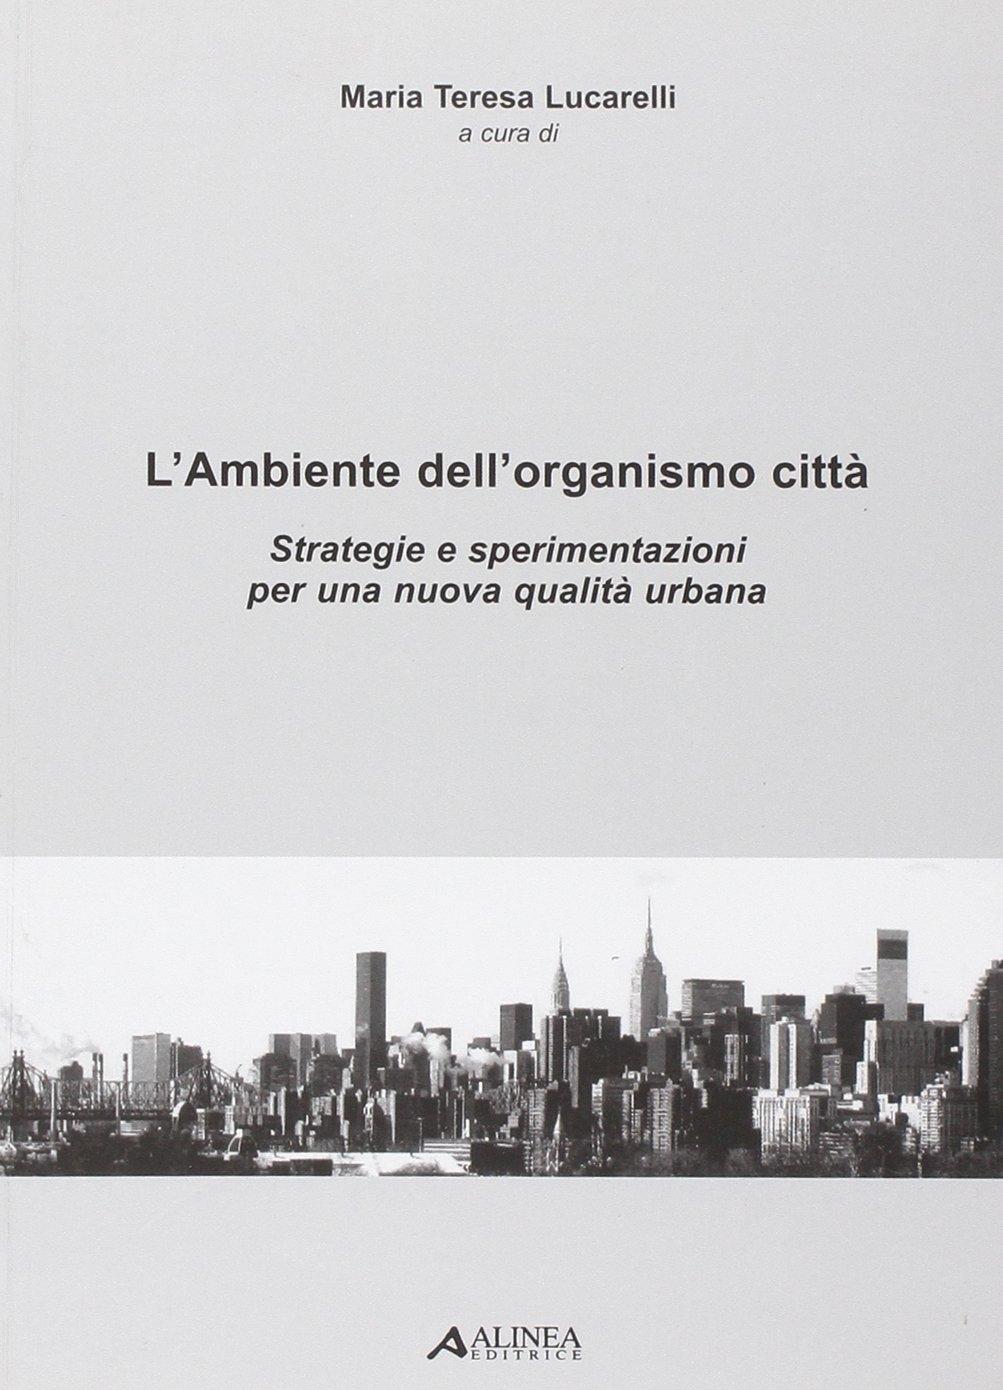 L'Ambiente dell'organismo città. Strategie e sperimentazioni per una nuova qualità urbana